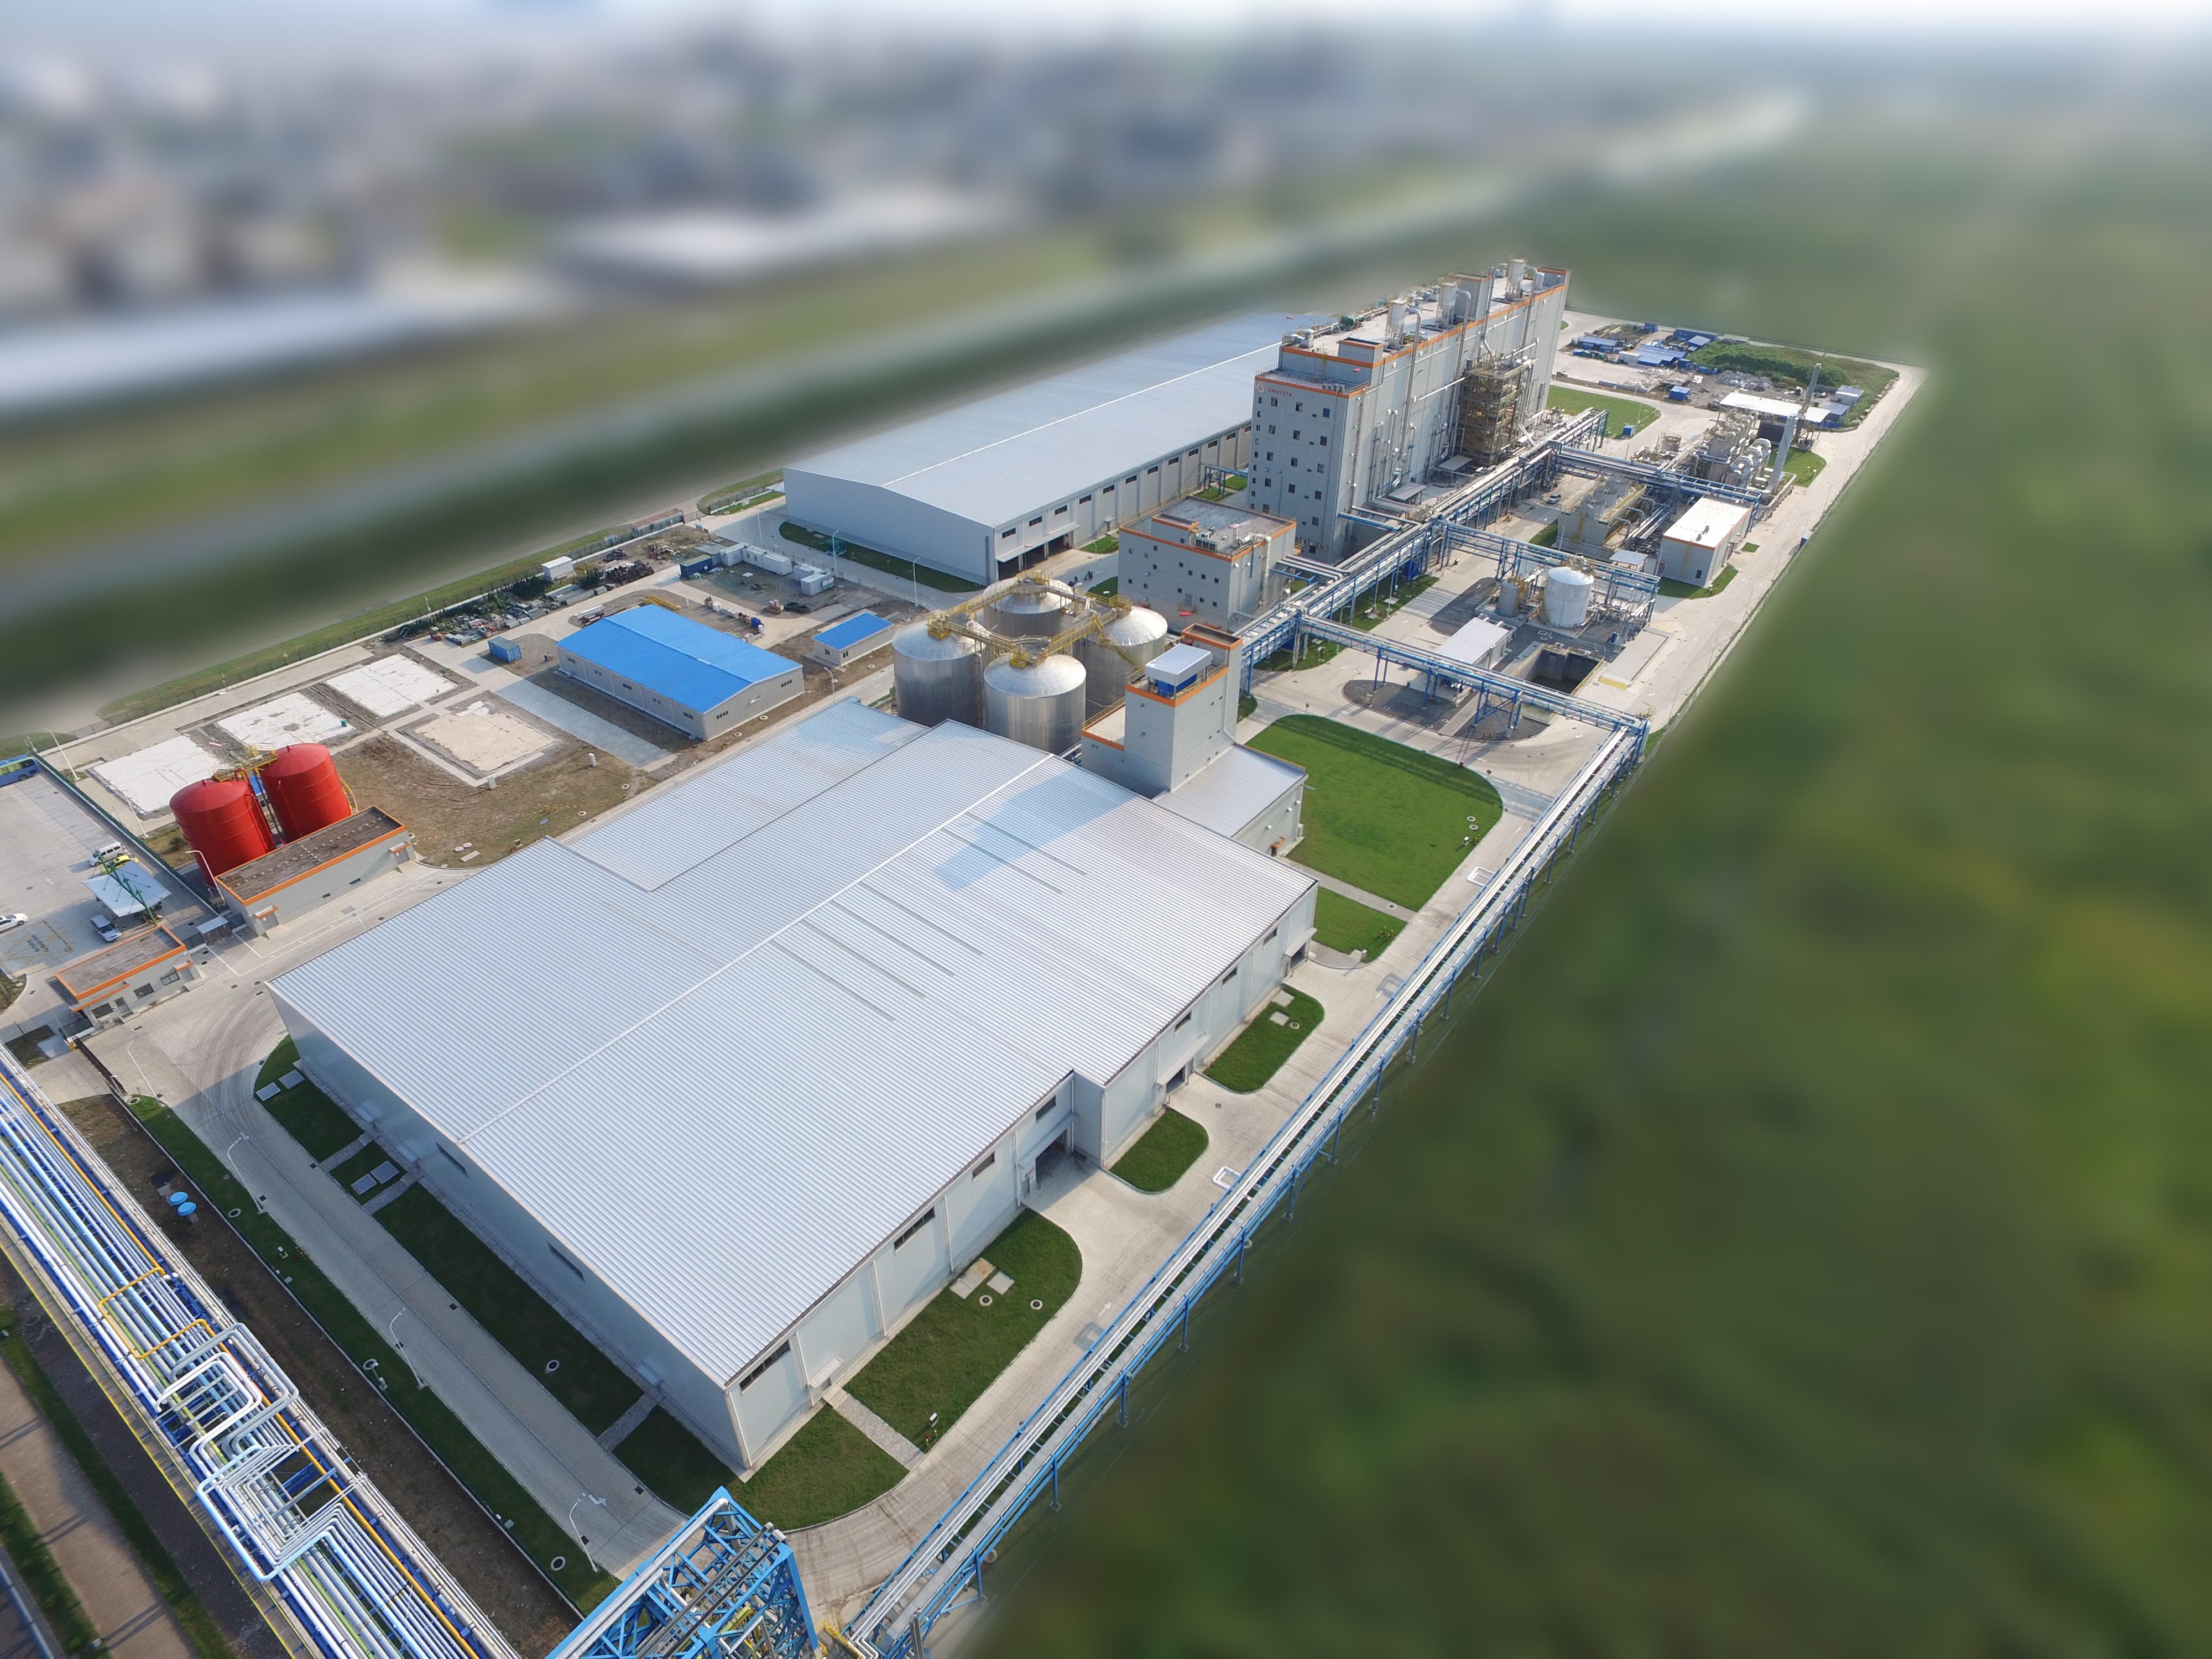 Invista, Naylon 6,6 Polimeri Üretim Kapasitesini Arttırıyor